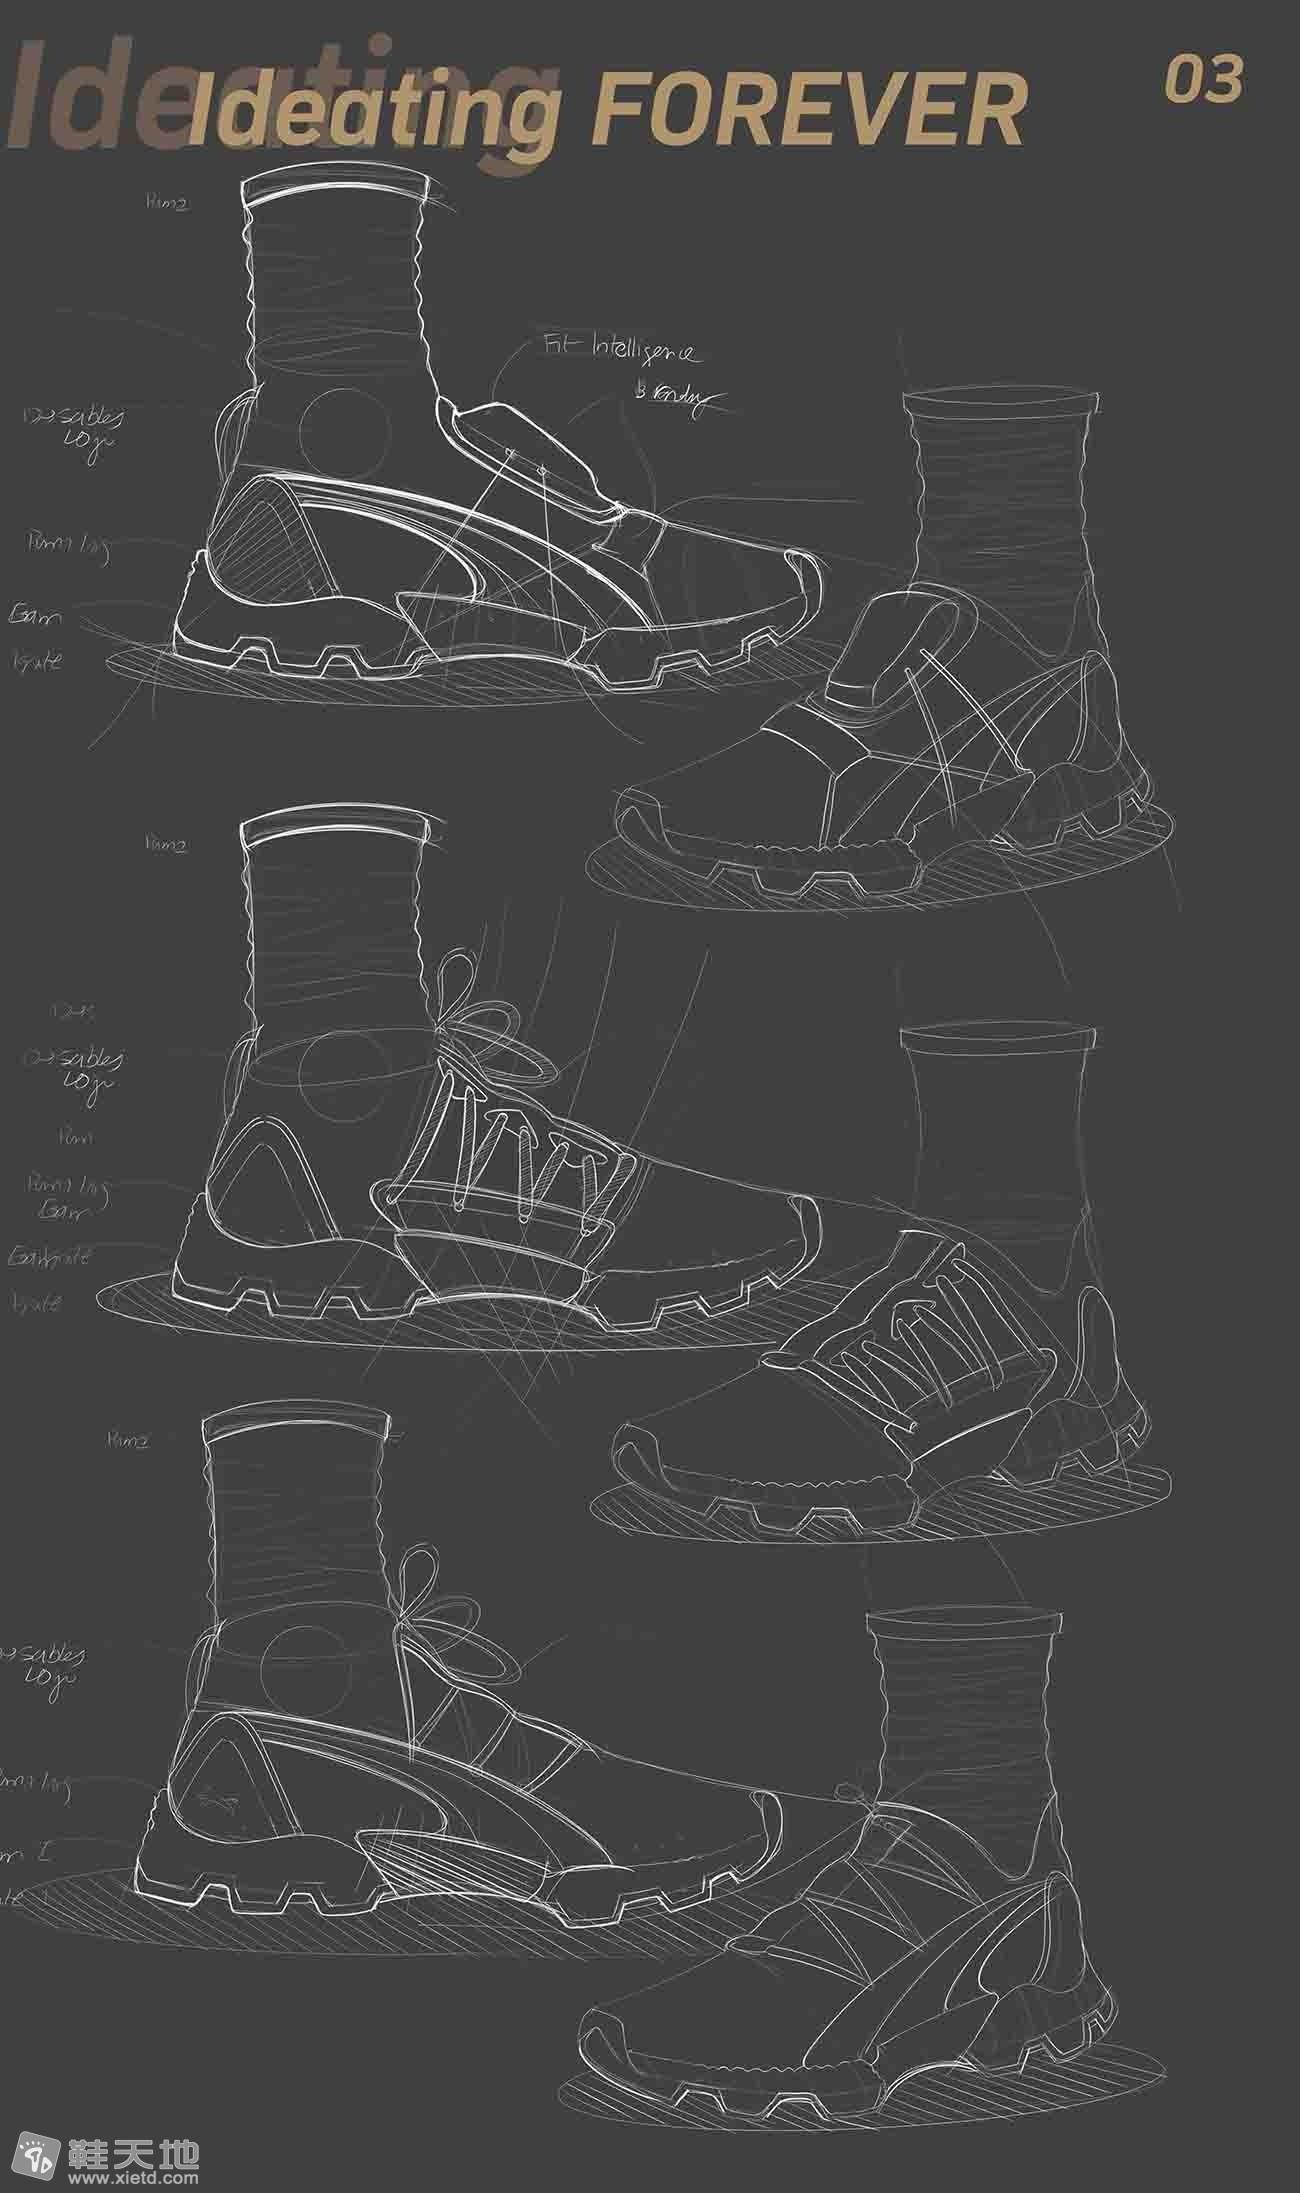 Puma Dune Digger Ultra-marathon desert running shoes (4).jpg